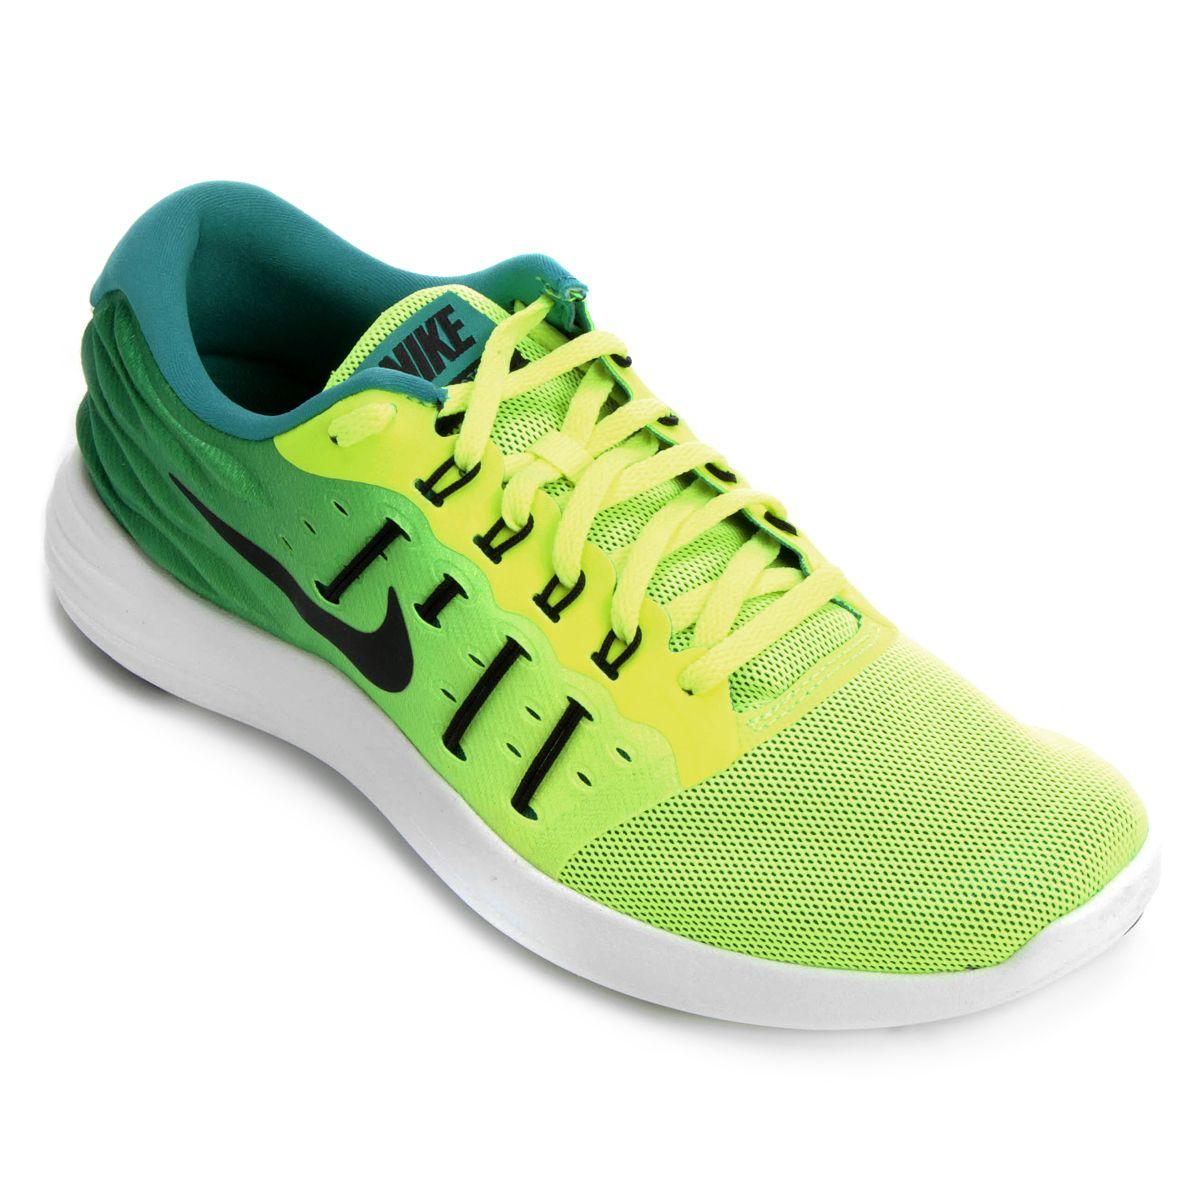 Tenis Nike Run Libre Netshoes Adidas